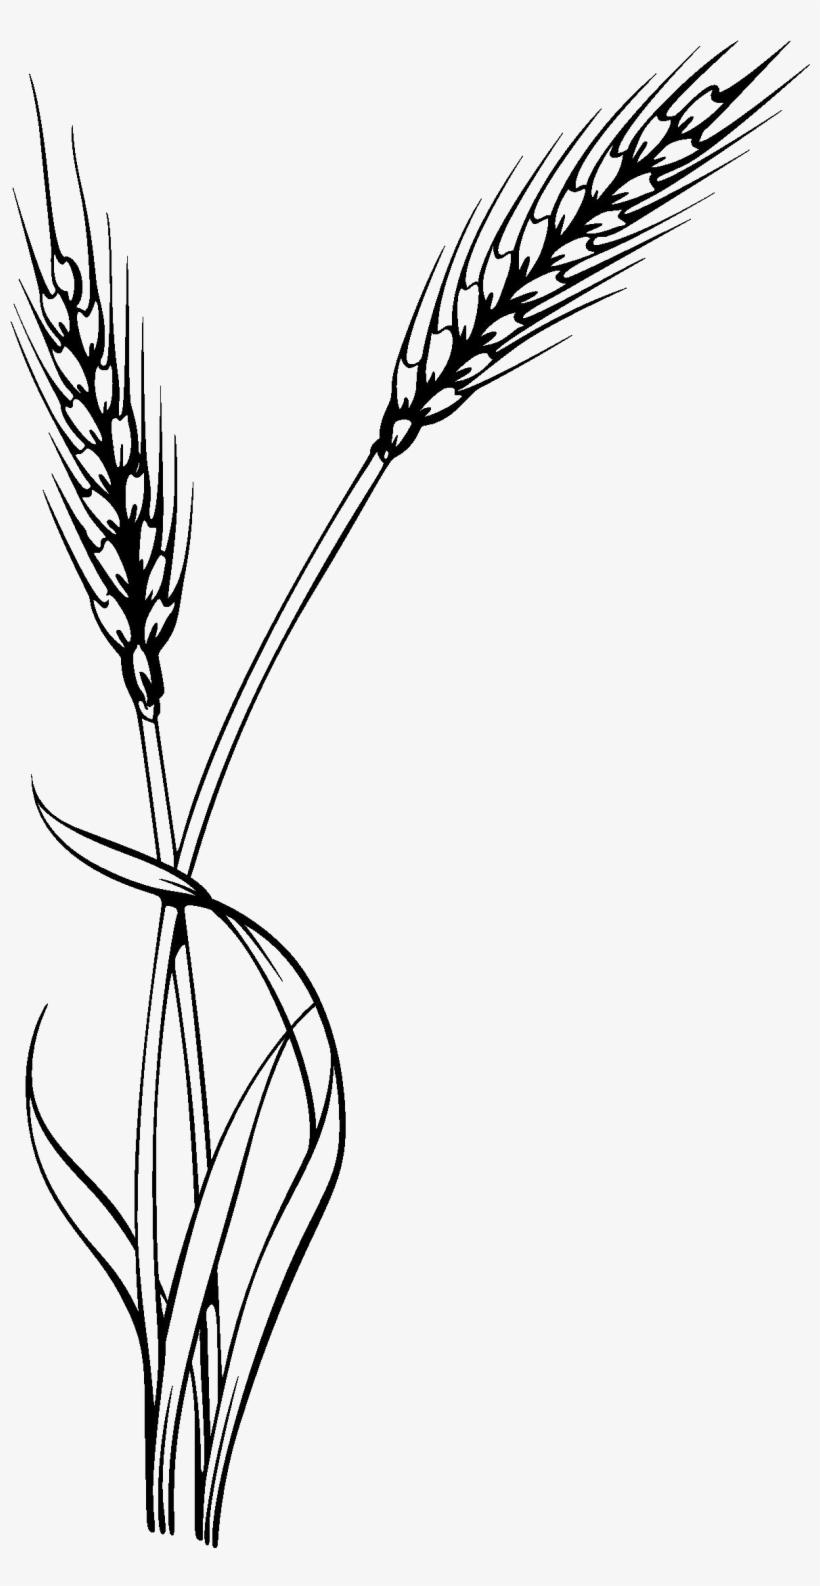 Картинка колосья пшеницы черно белые